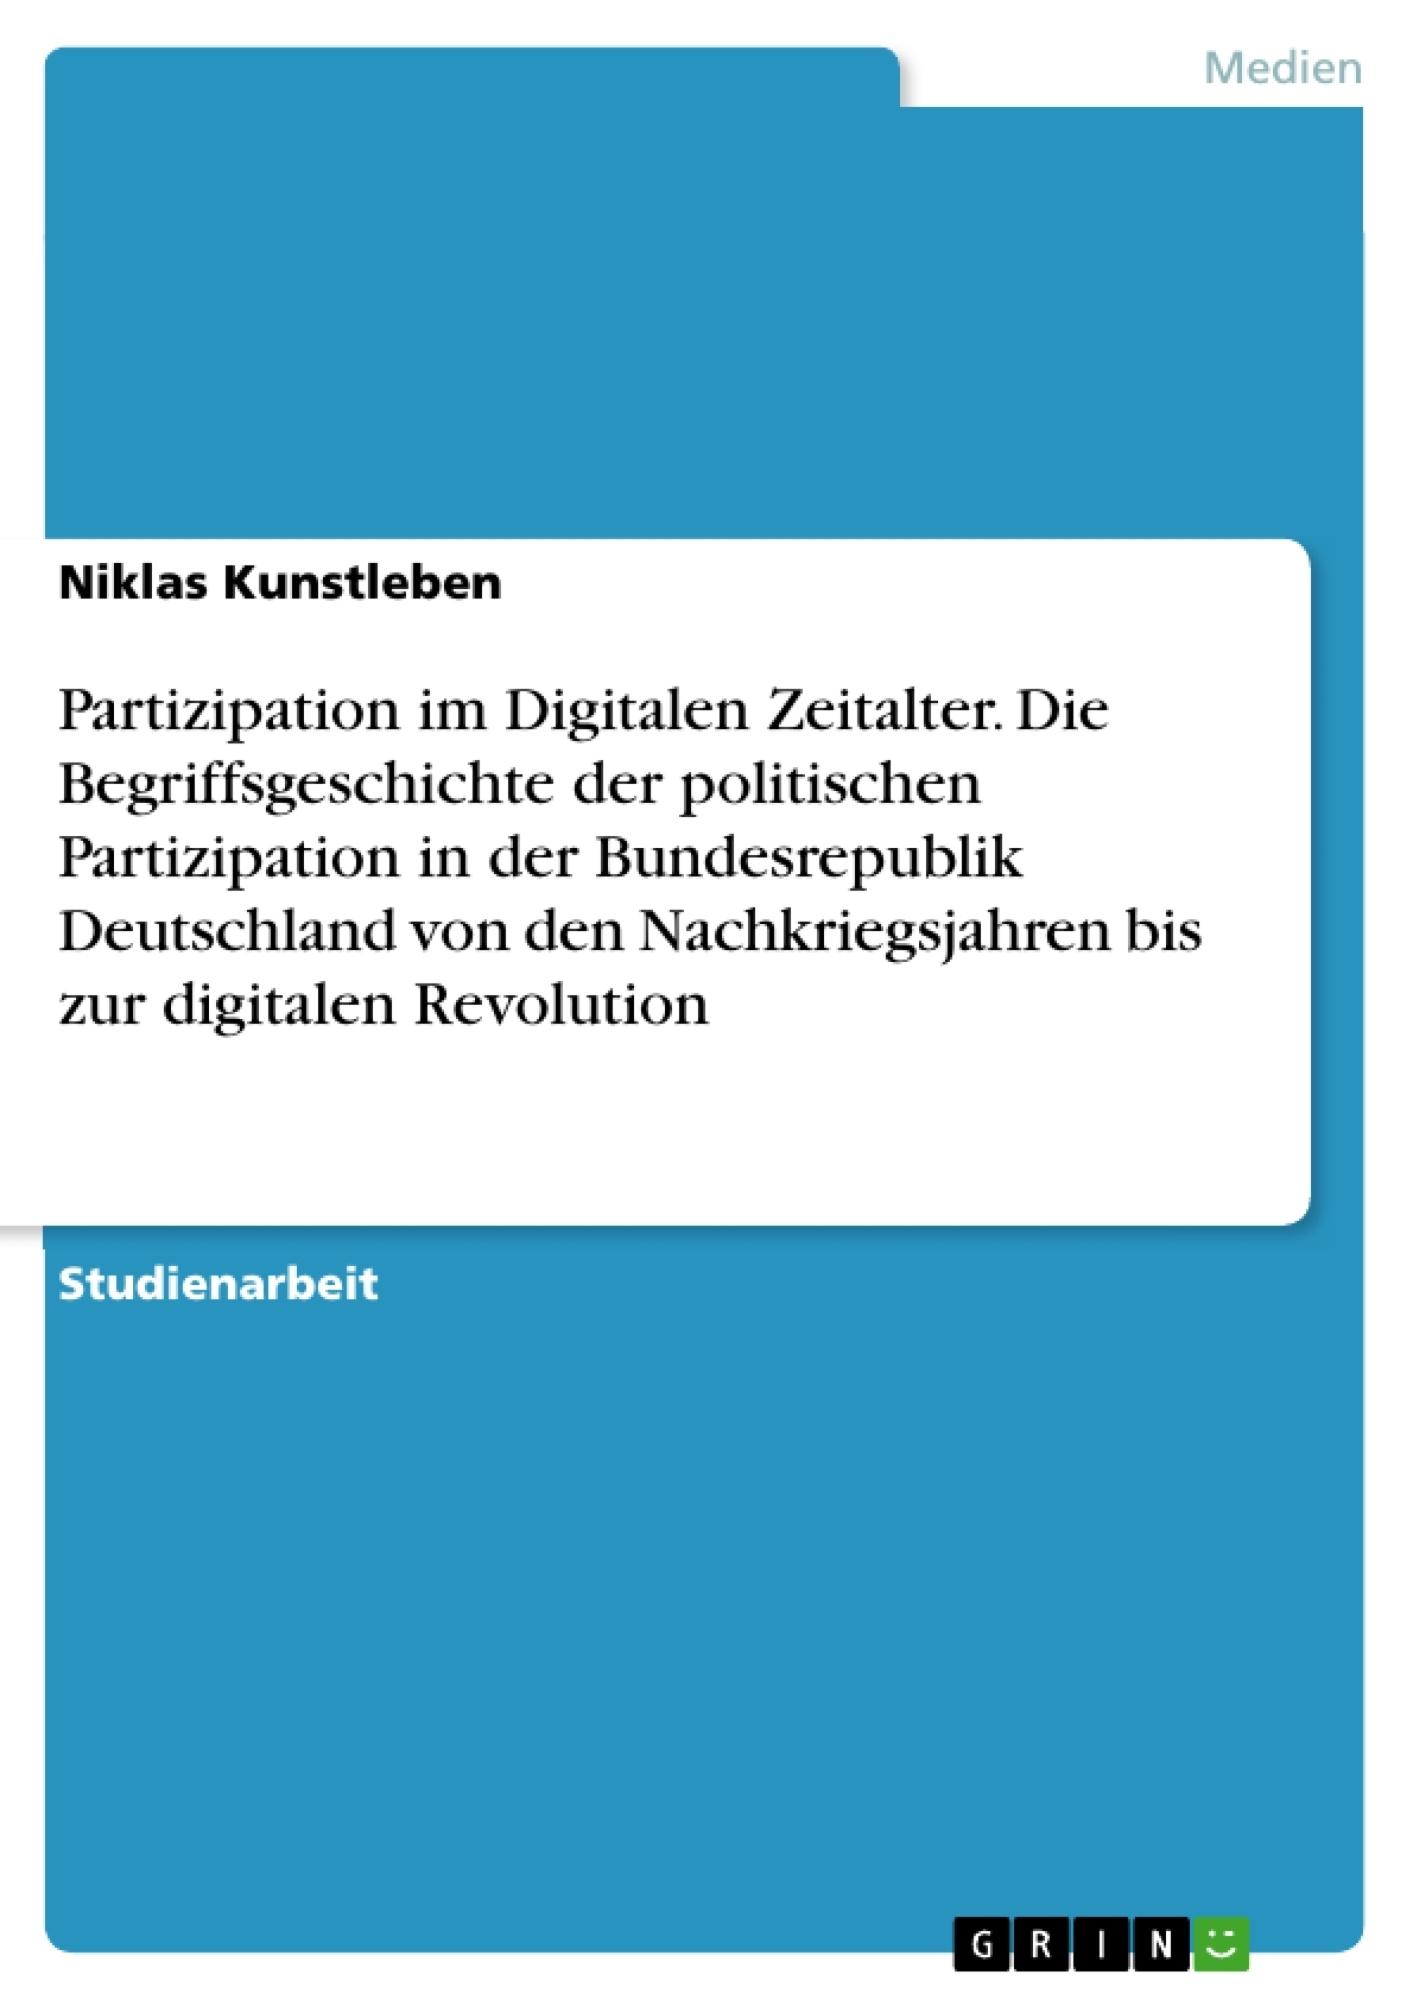 Titel: Partizipation im Digitalen Zeitalter. Die Begriffsgeschichte der politischen Partizipation in der Bundesrepublik Deutschland von den Nachkriegsjahren bis zur digitalen Revolution